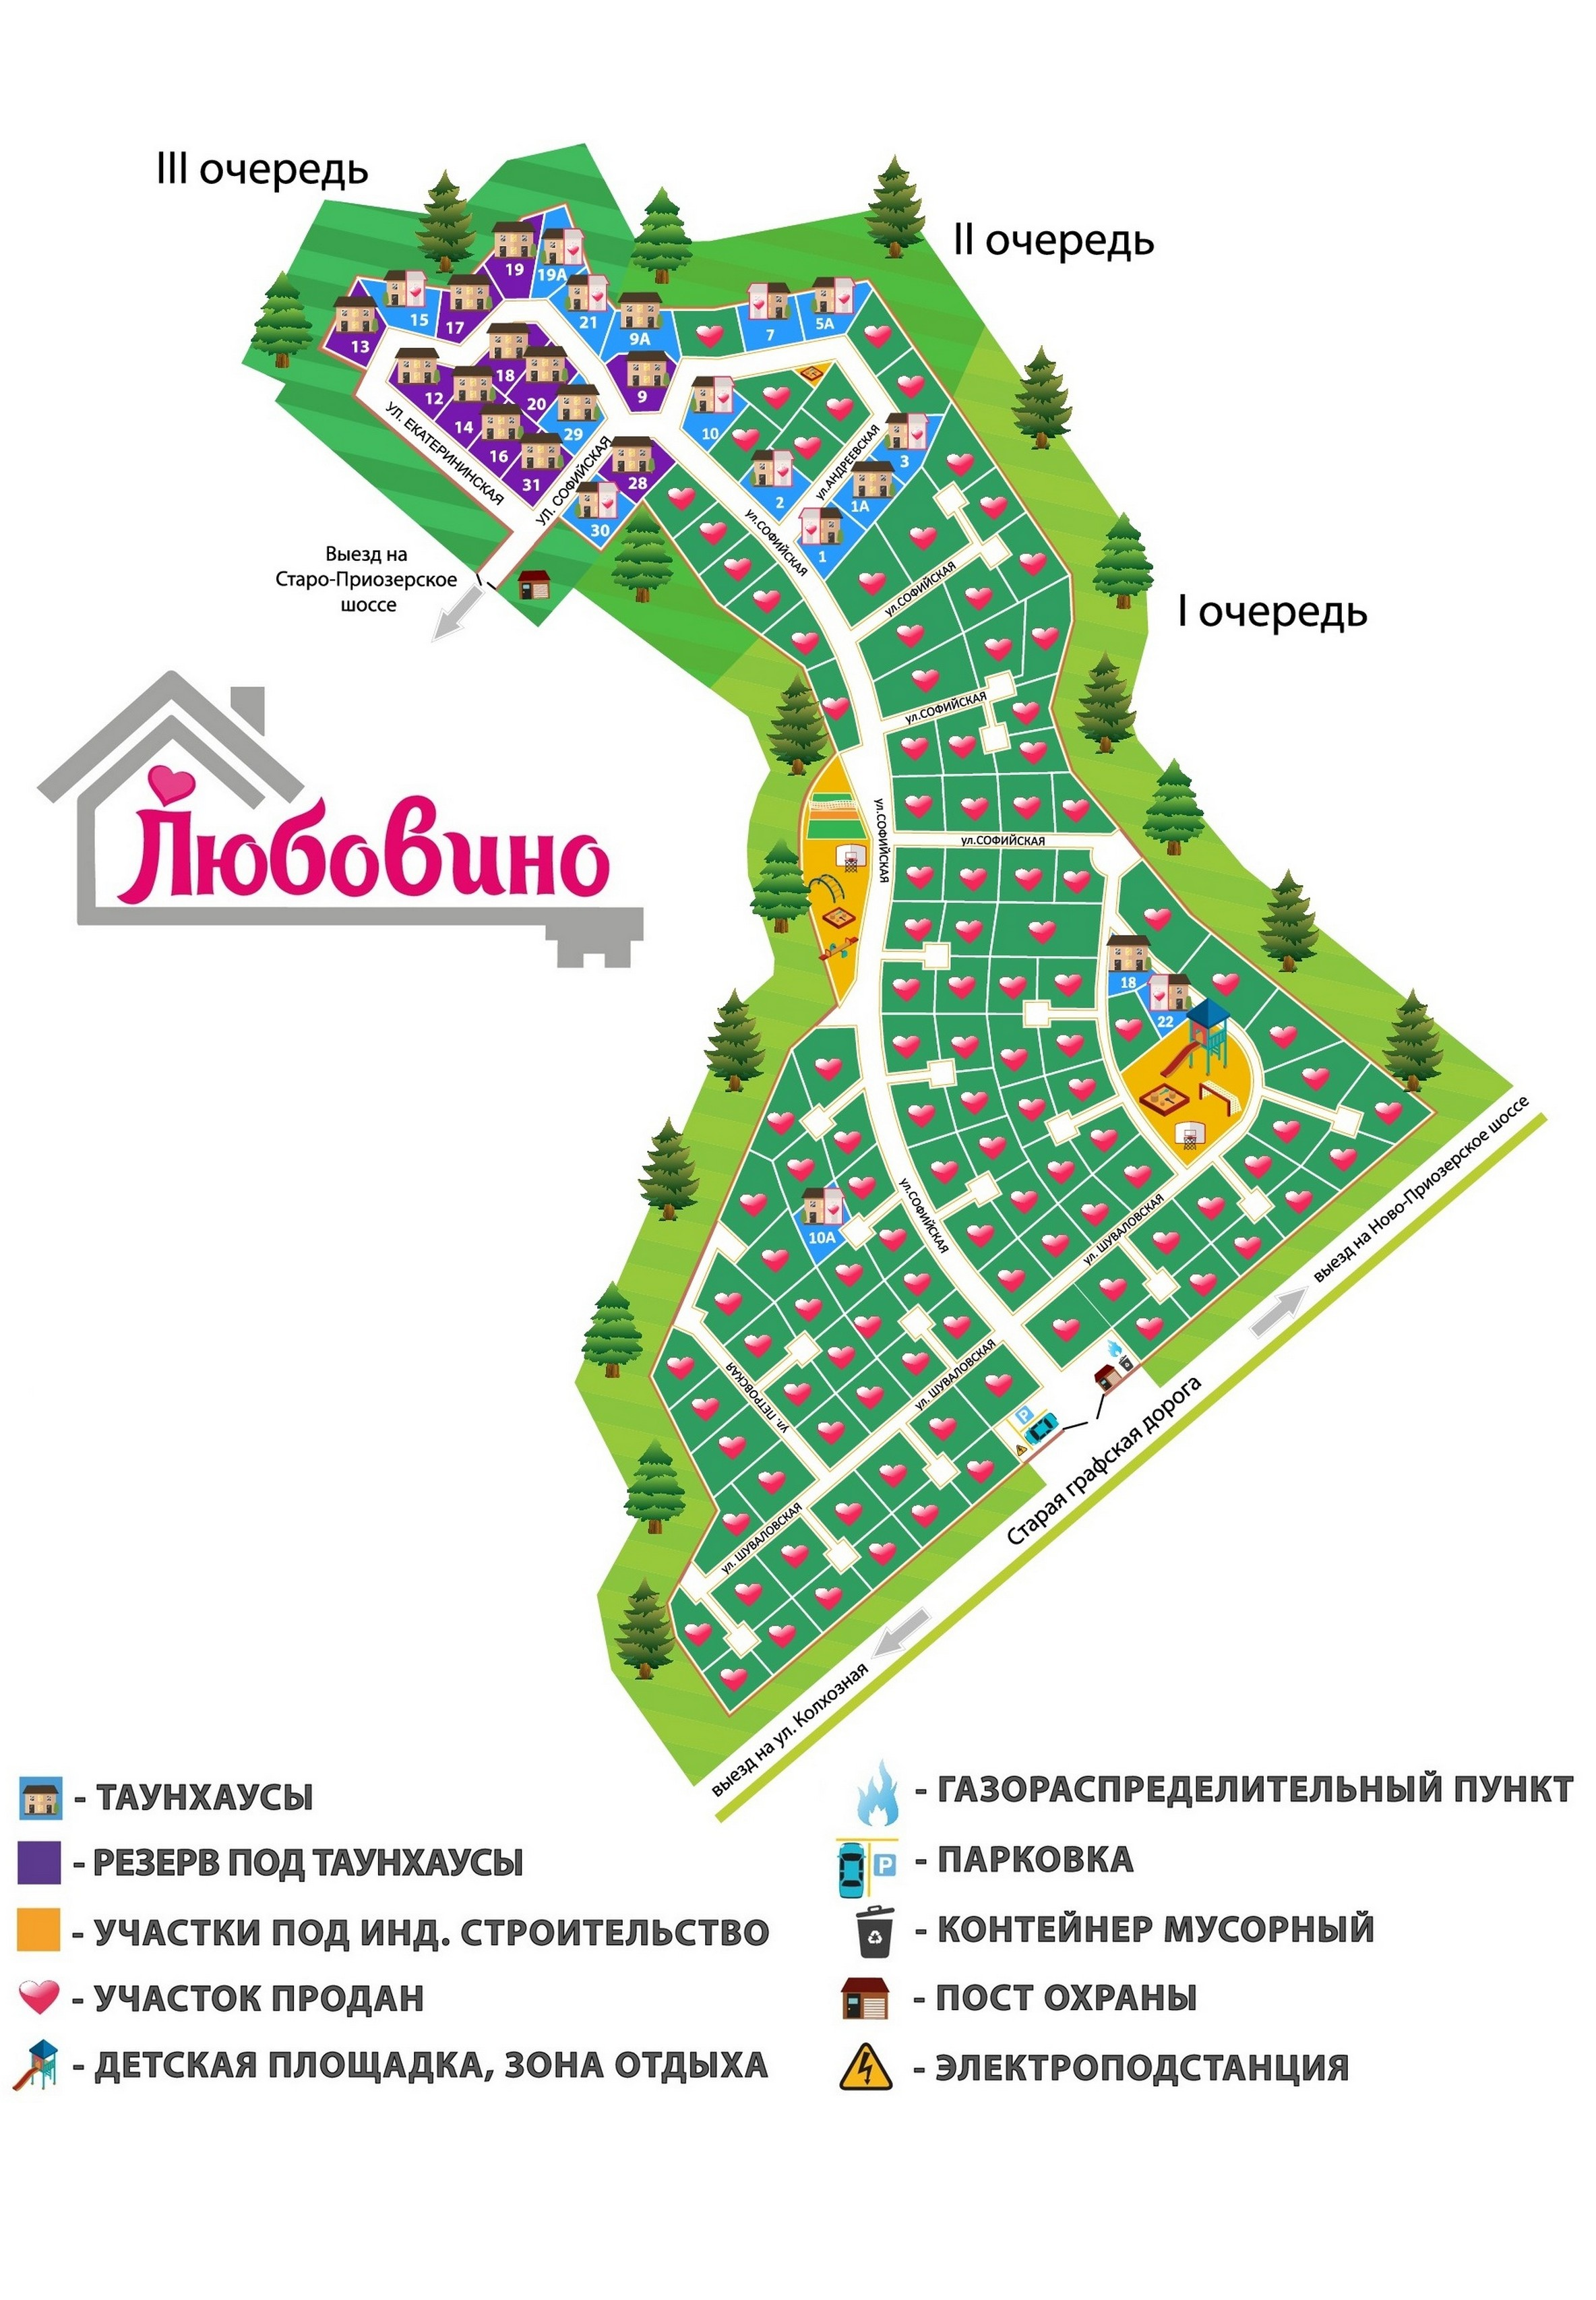 Генеральный план Любовино